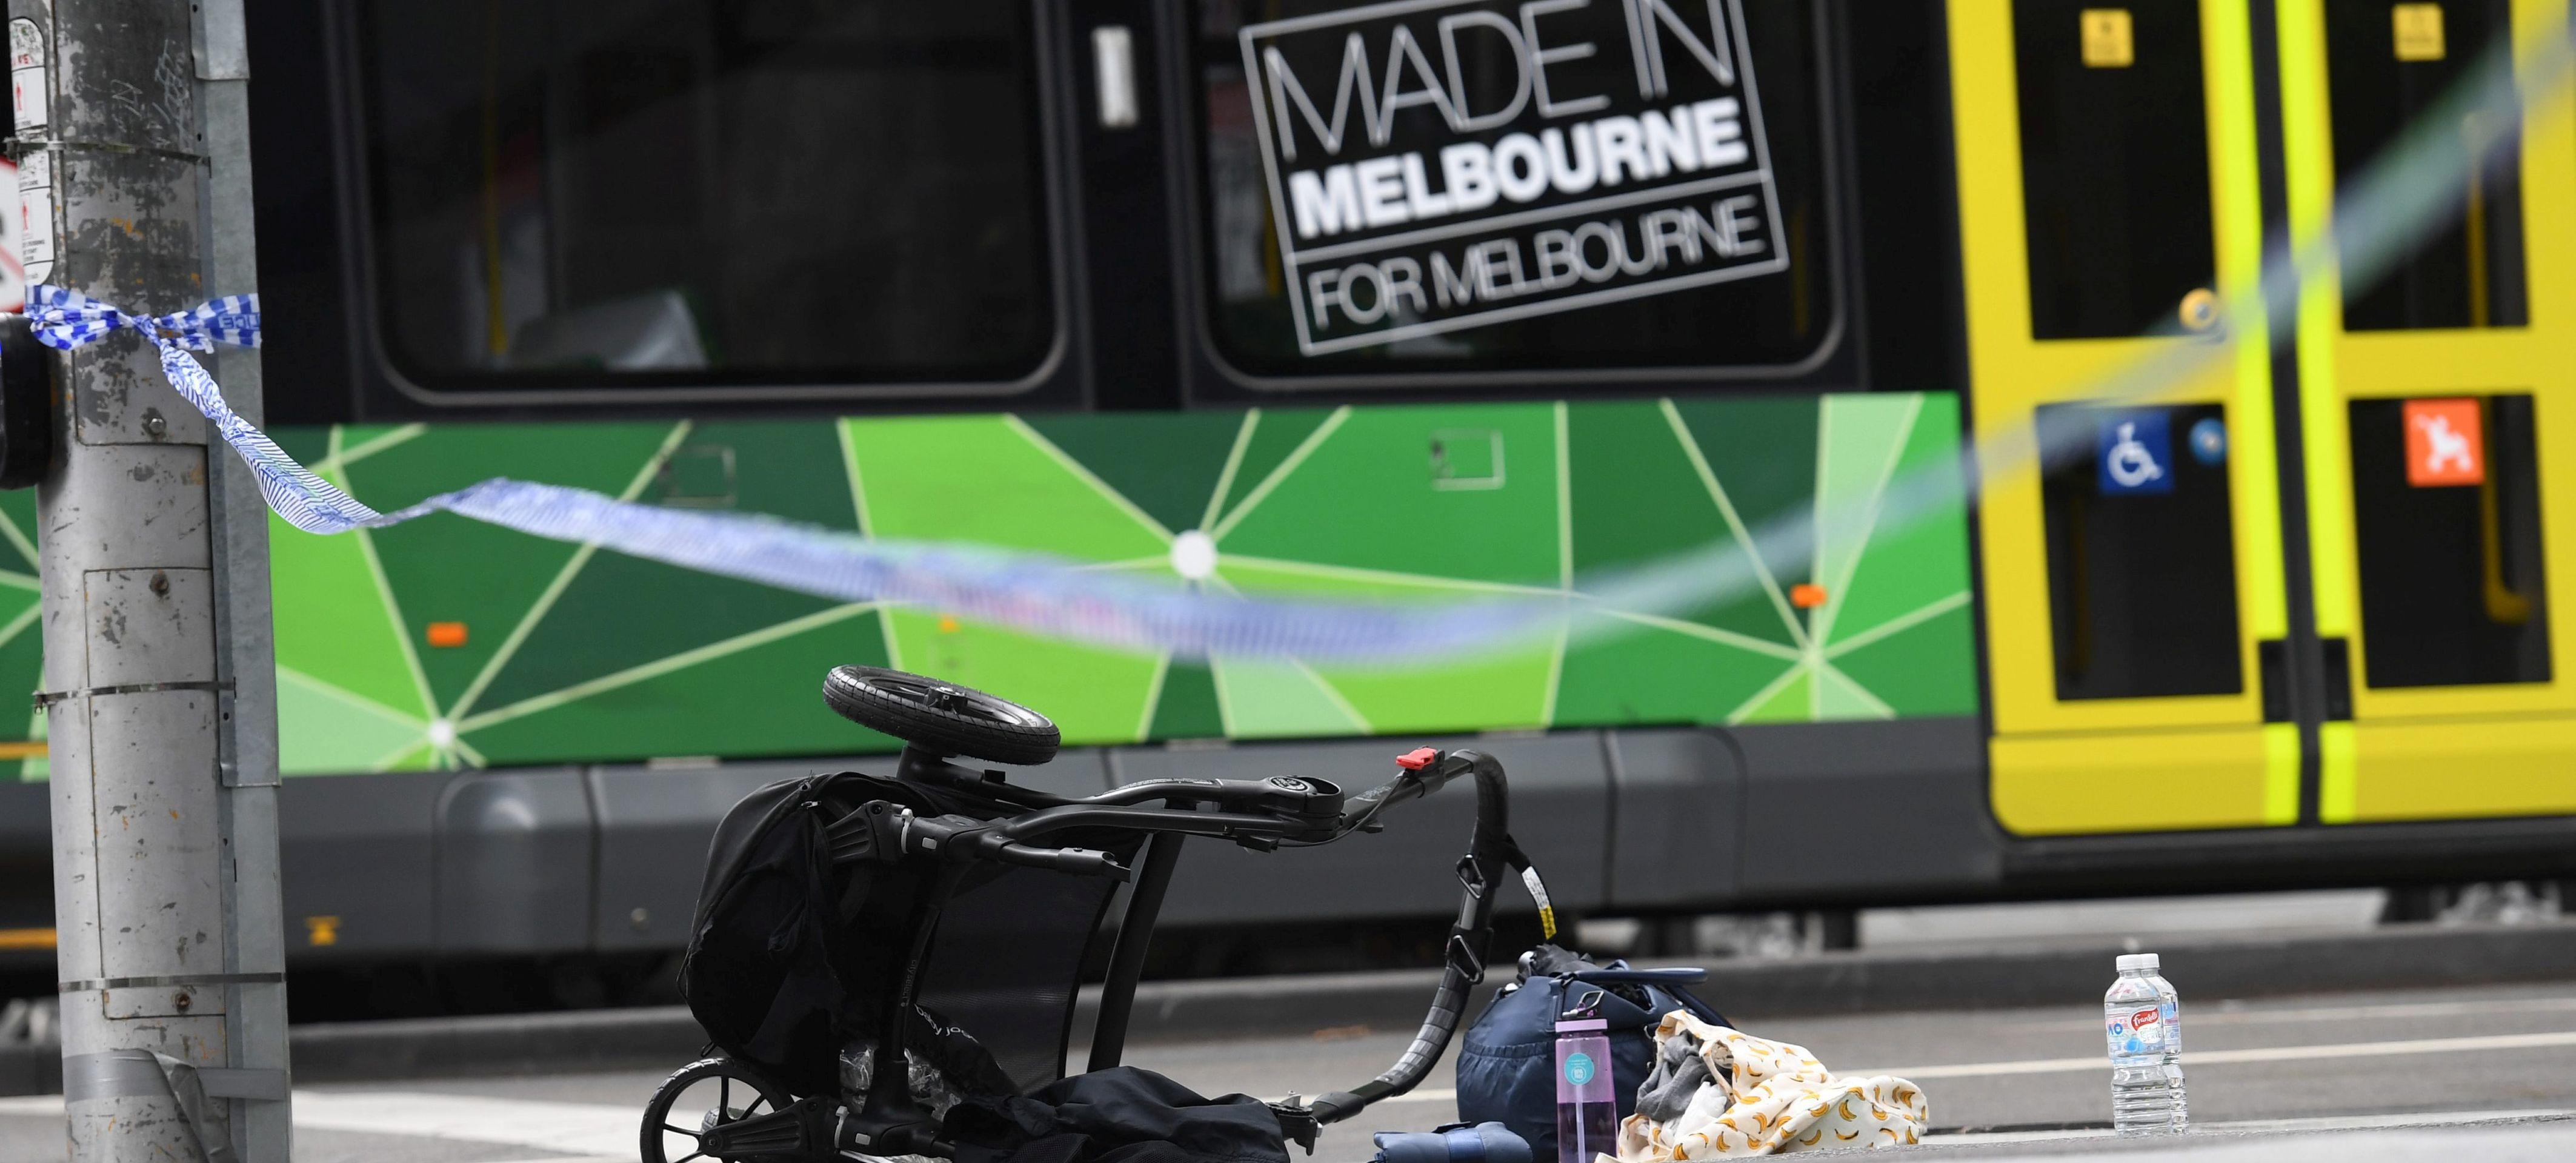 MELBOURNE Automobilom se zaletio u masu ljudi, troje mrtvih i 20 ranjenih